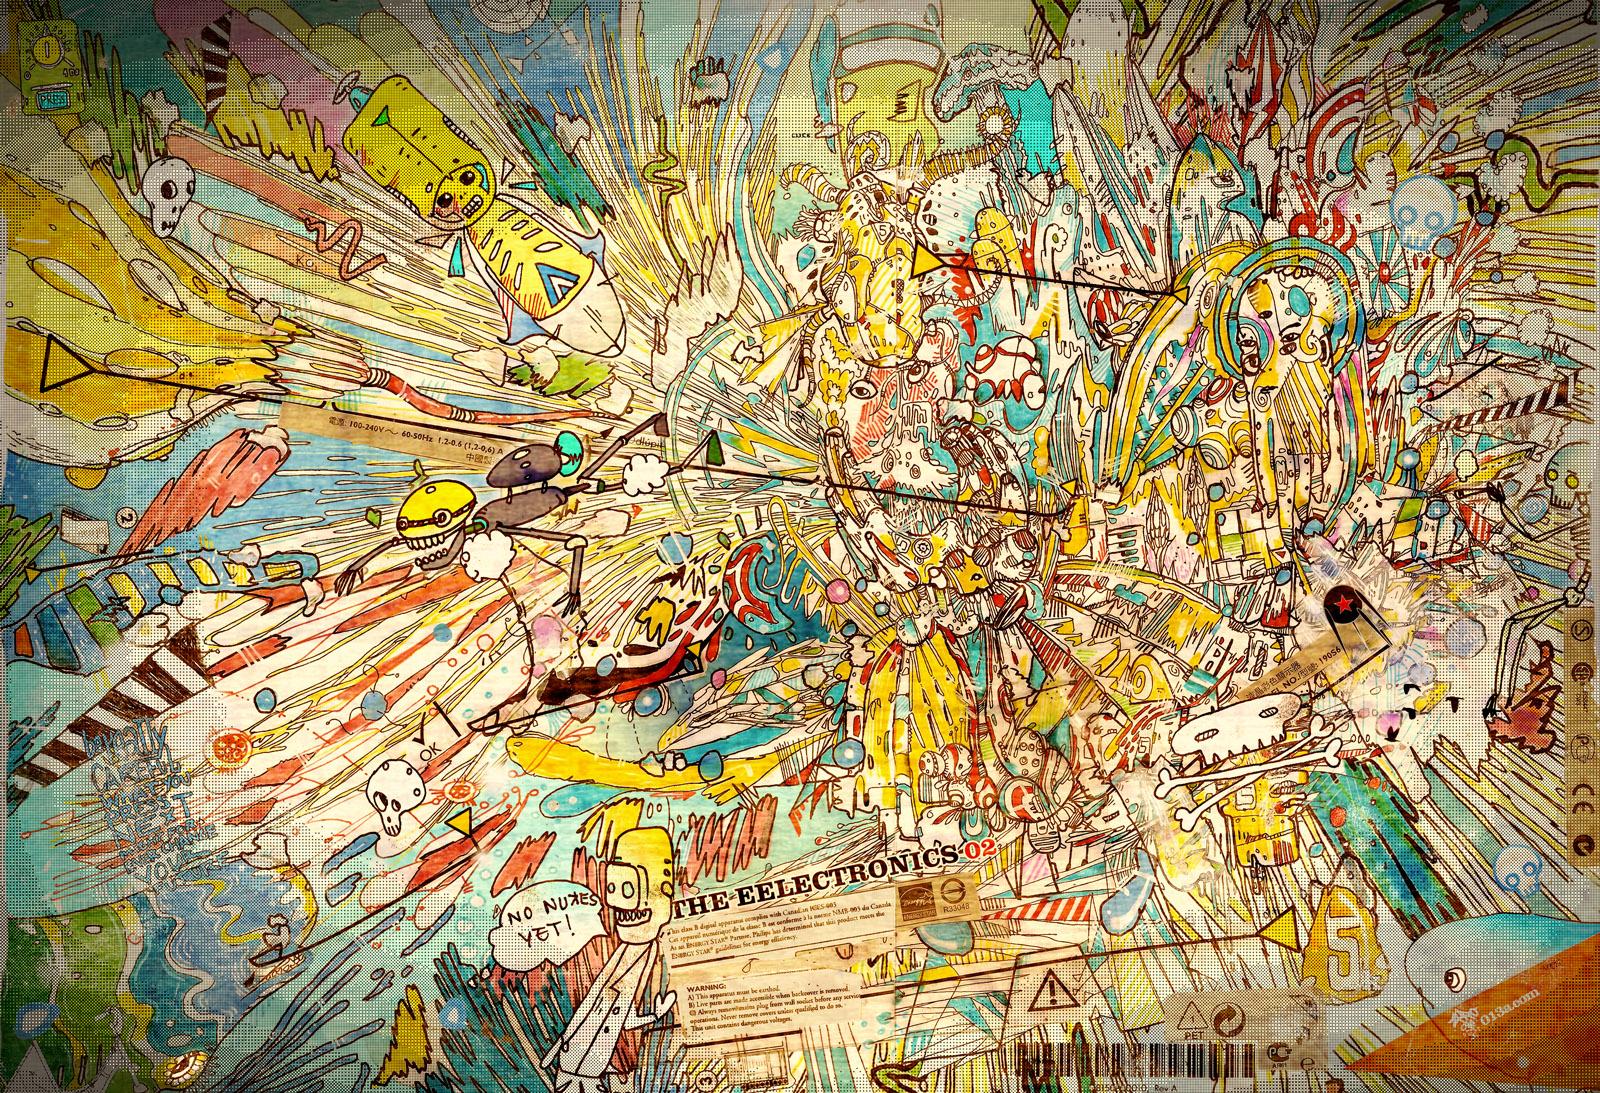 Live Wallpaper Spring Zen Hd 3d Psychedelic Computer Wallpapers Desktop Backgrounds